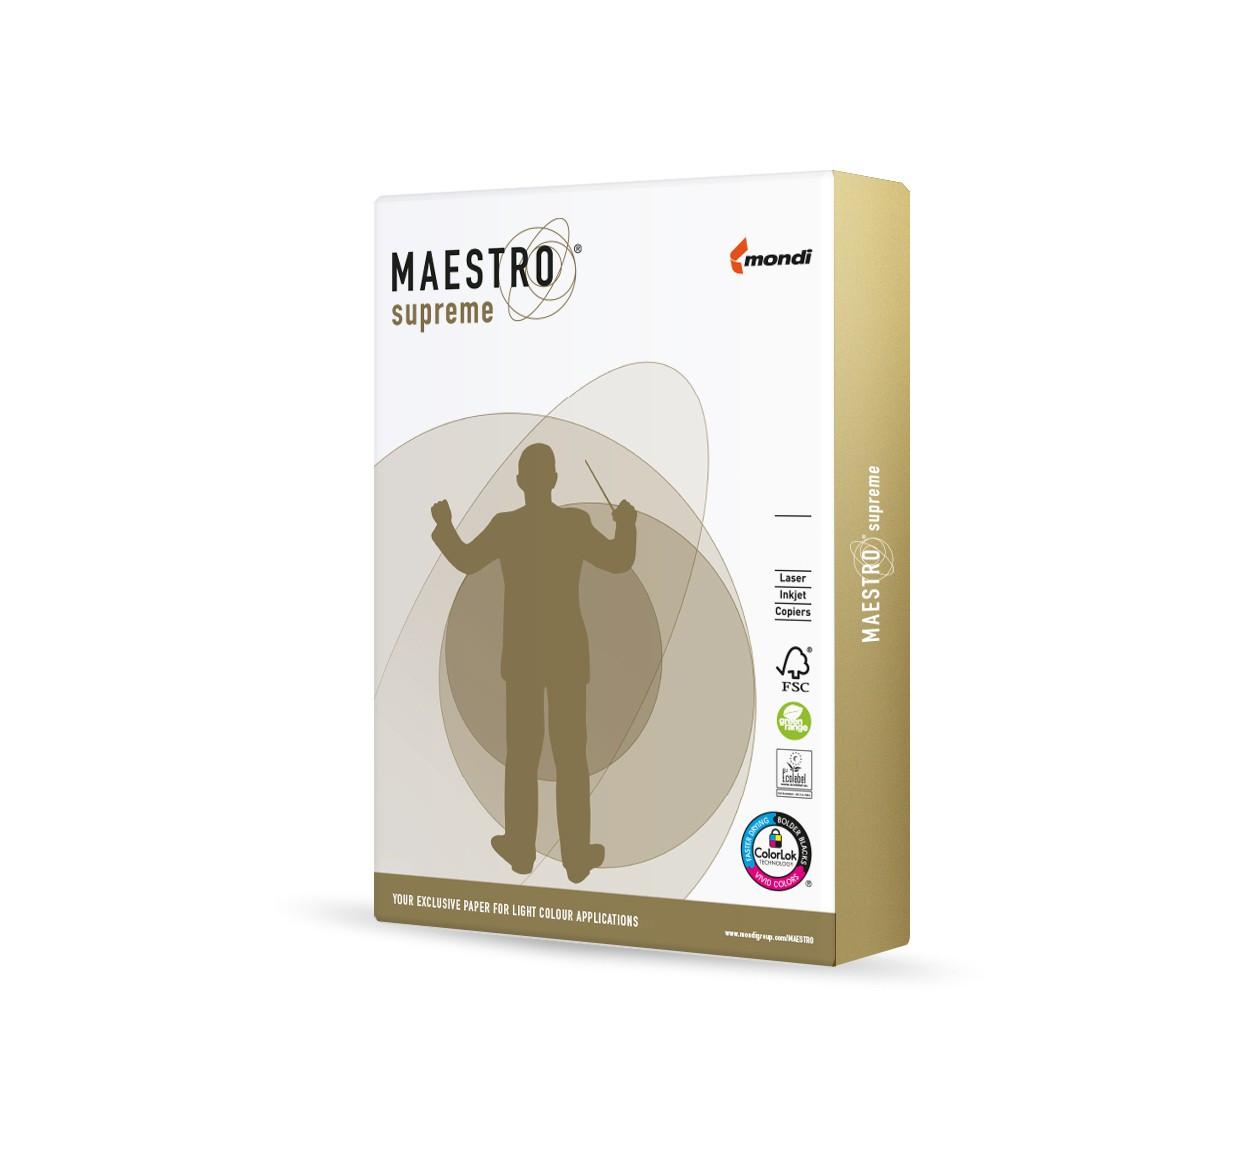 Maestro supreme 160g/m² DIN-A4